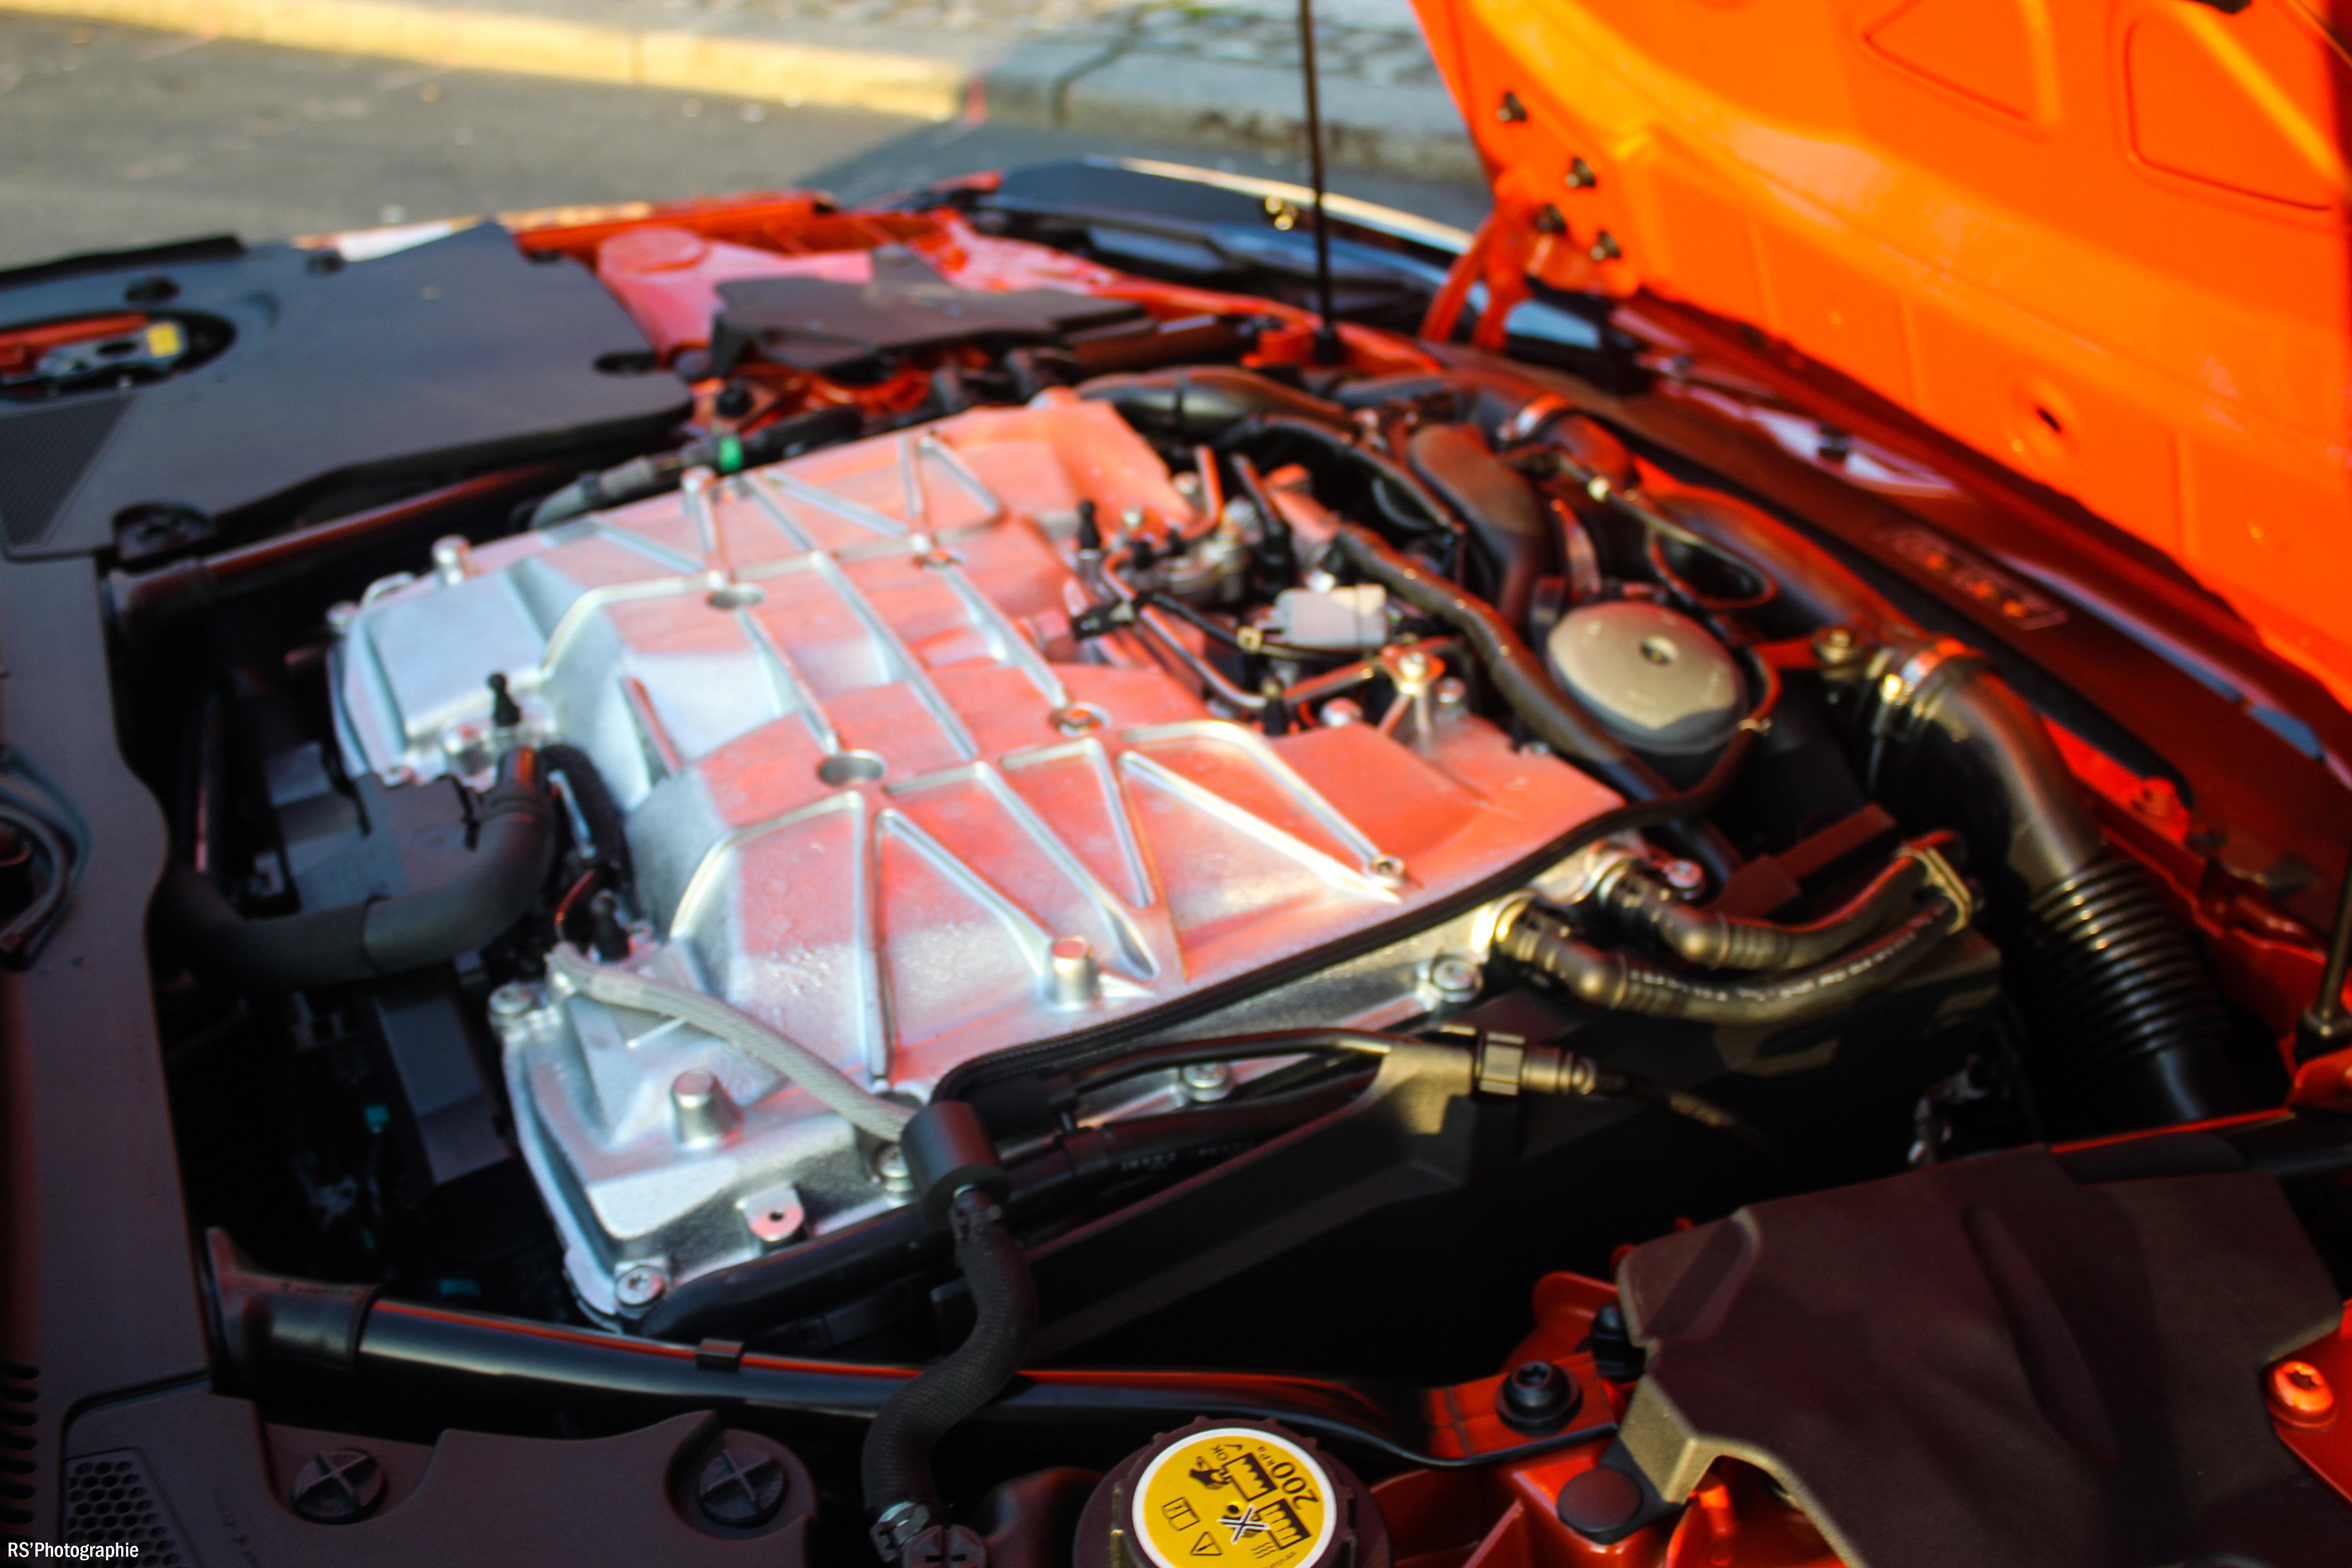 jaguarftypesvr52-jaguar-ftype-svr-moteur-engine-arnaud-demasier-rsphotographie